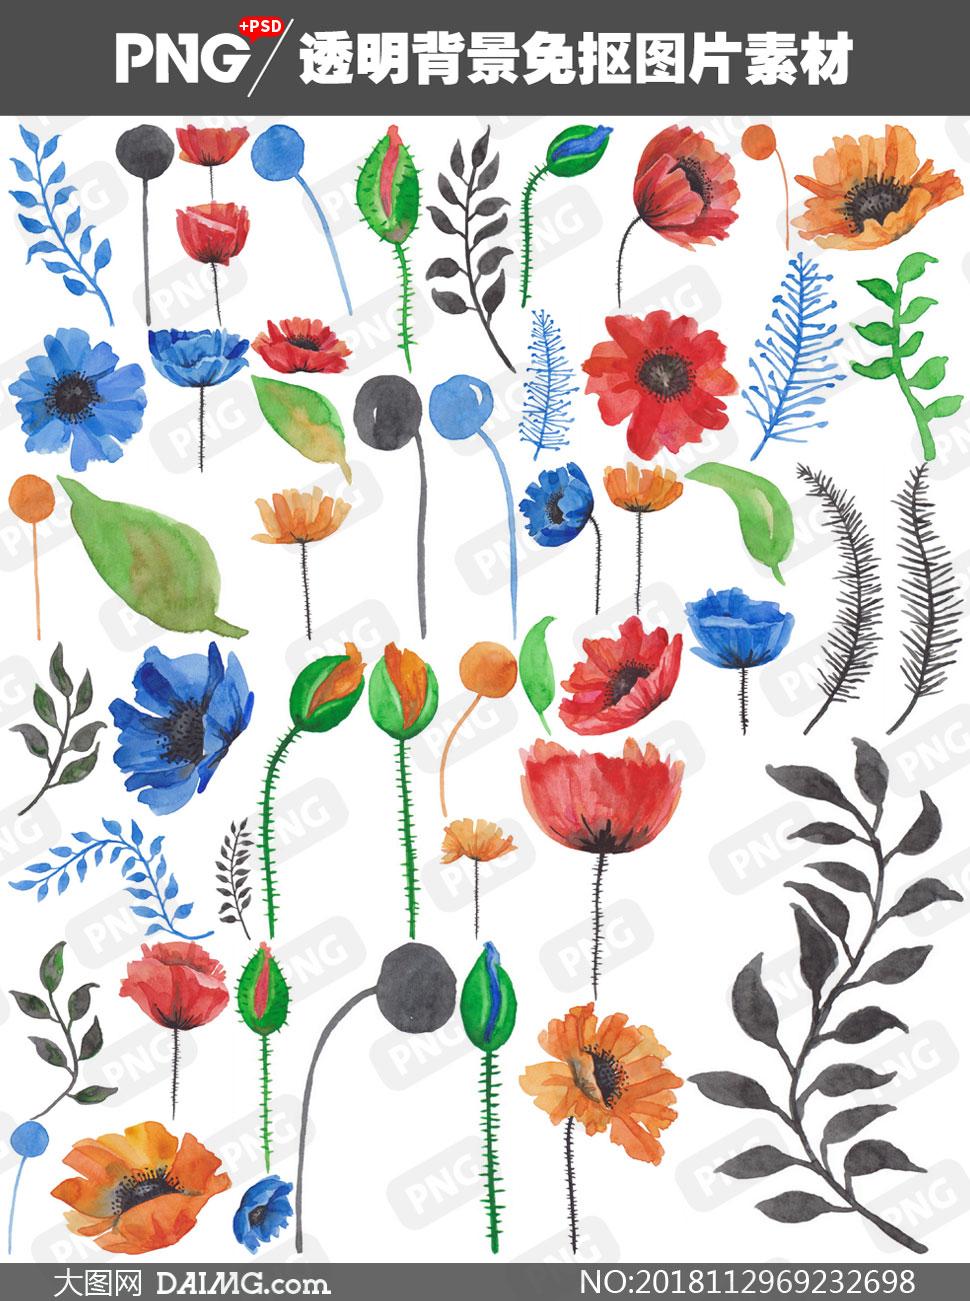 綠葉與藍色的花等水彩免摳圖片素材